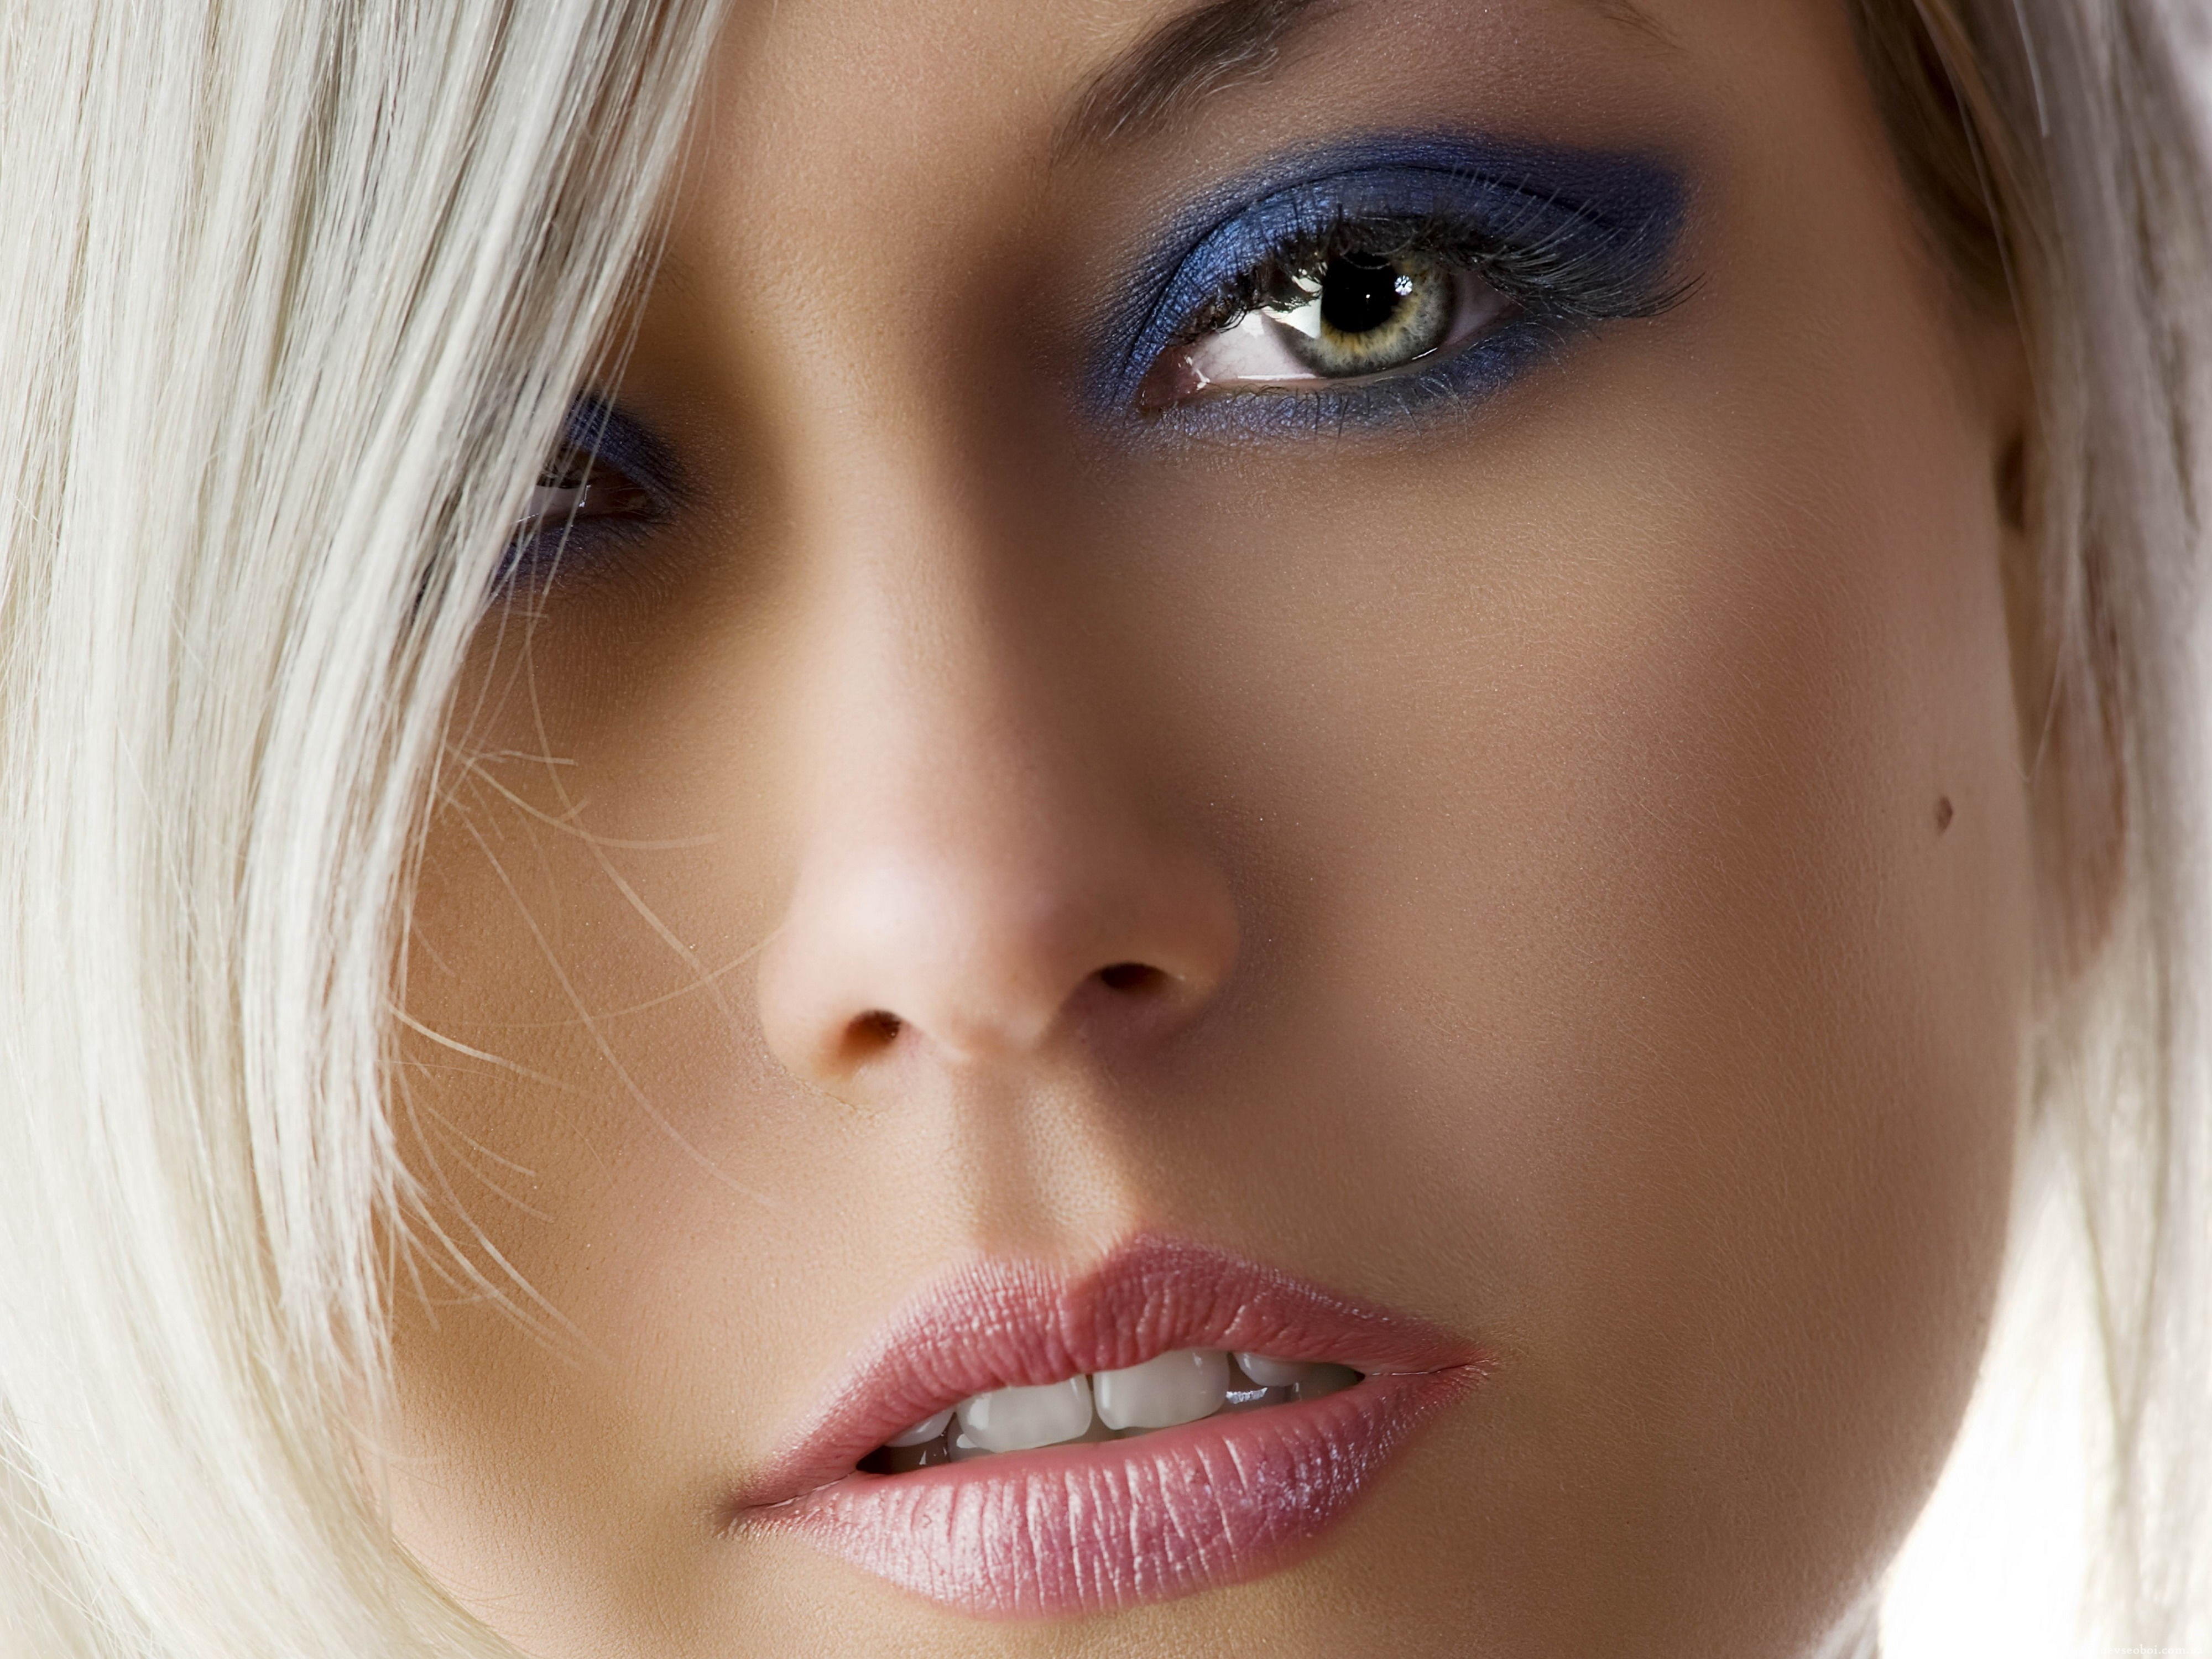 Девушка взгляд губы  № 2820938 без смс